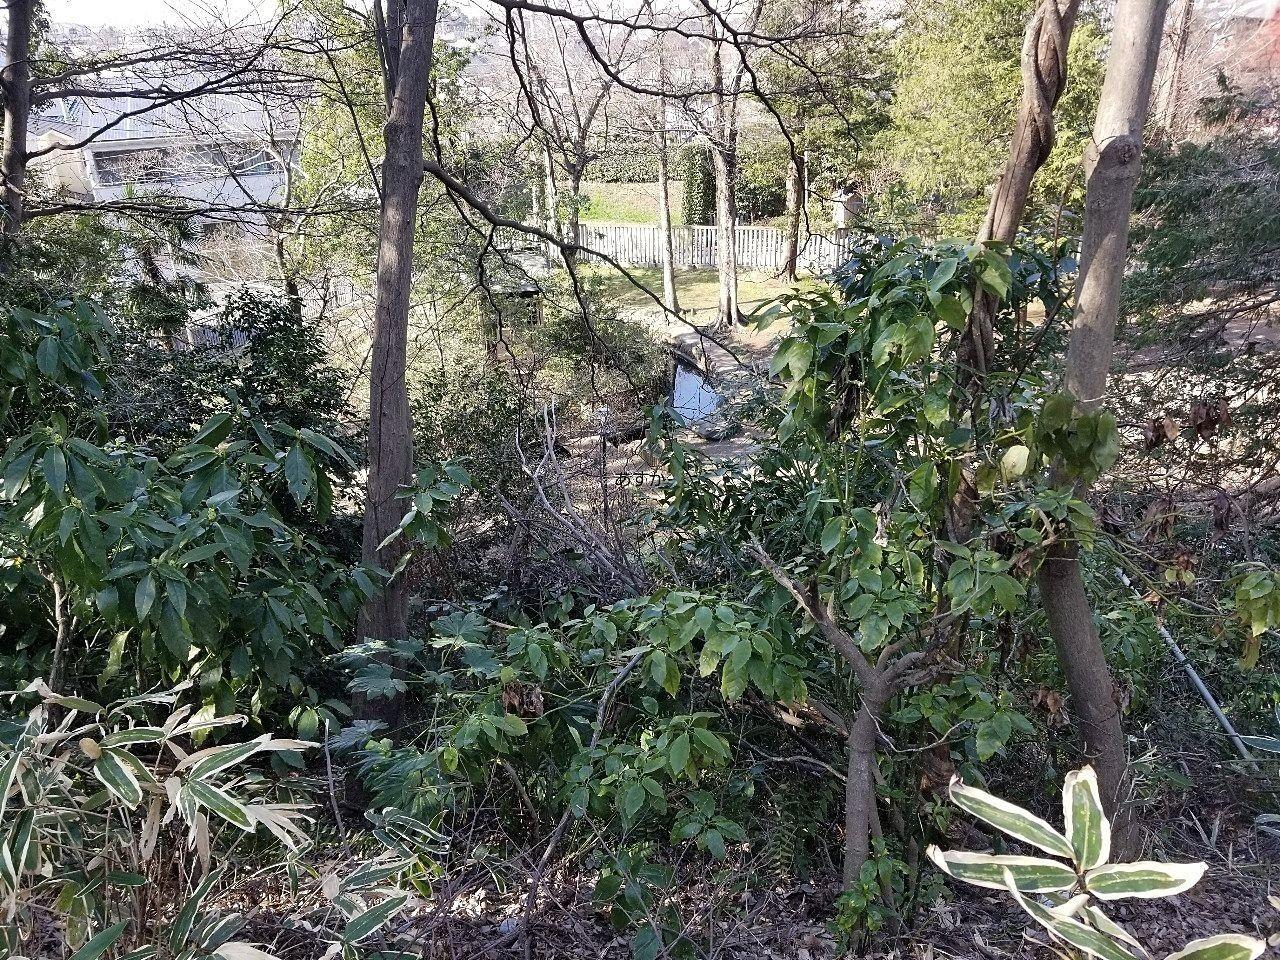 神社は丘陵地の上にあるので、武蔵野の緑を残す崖があります。